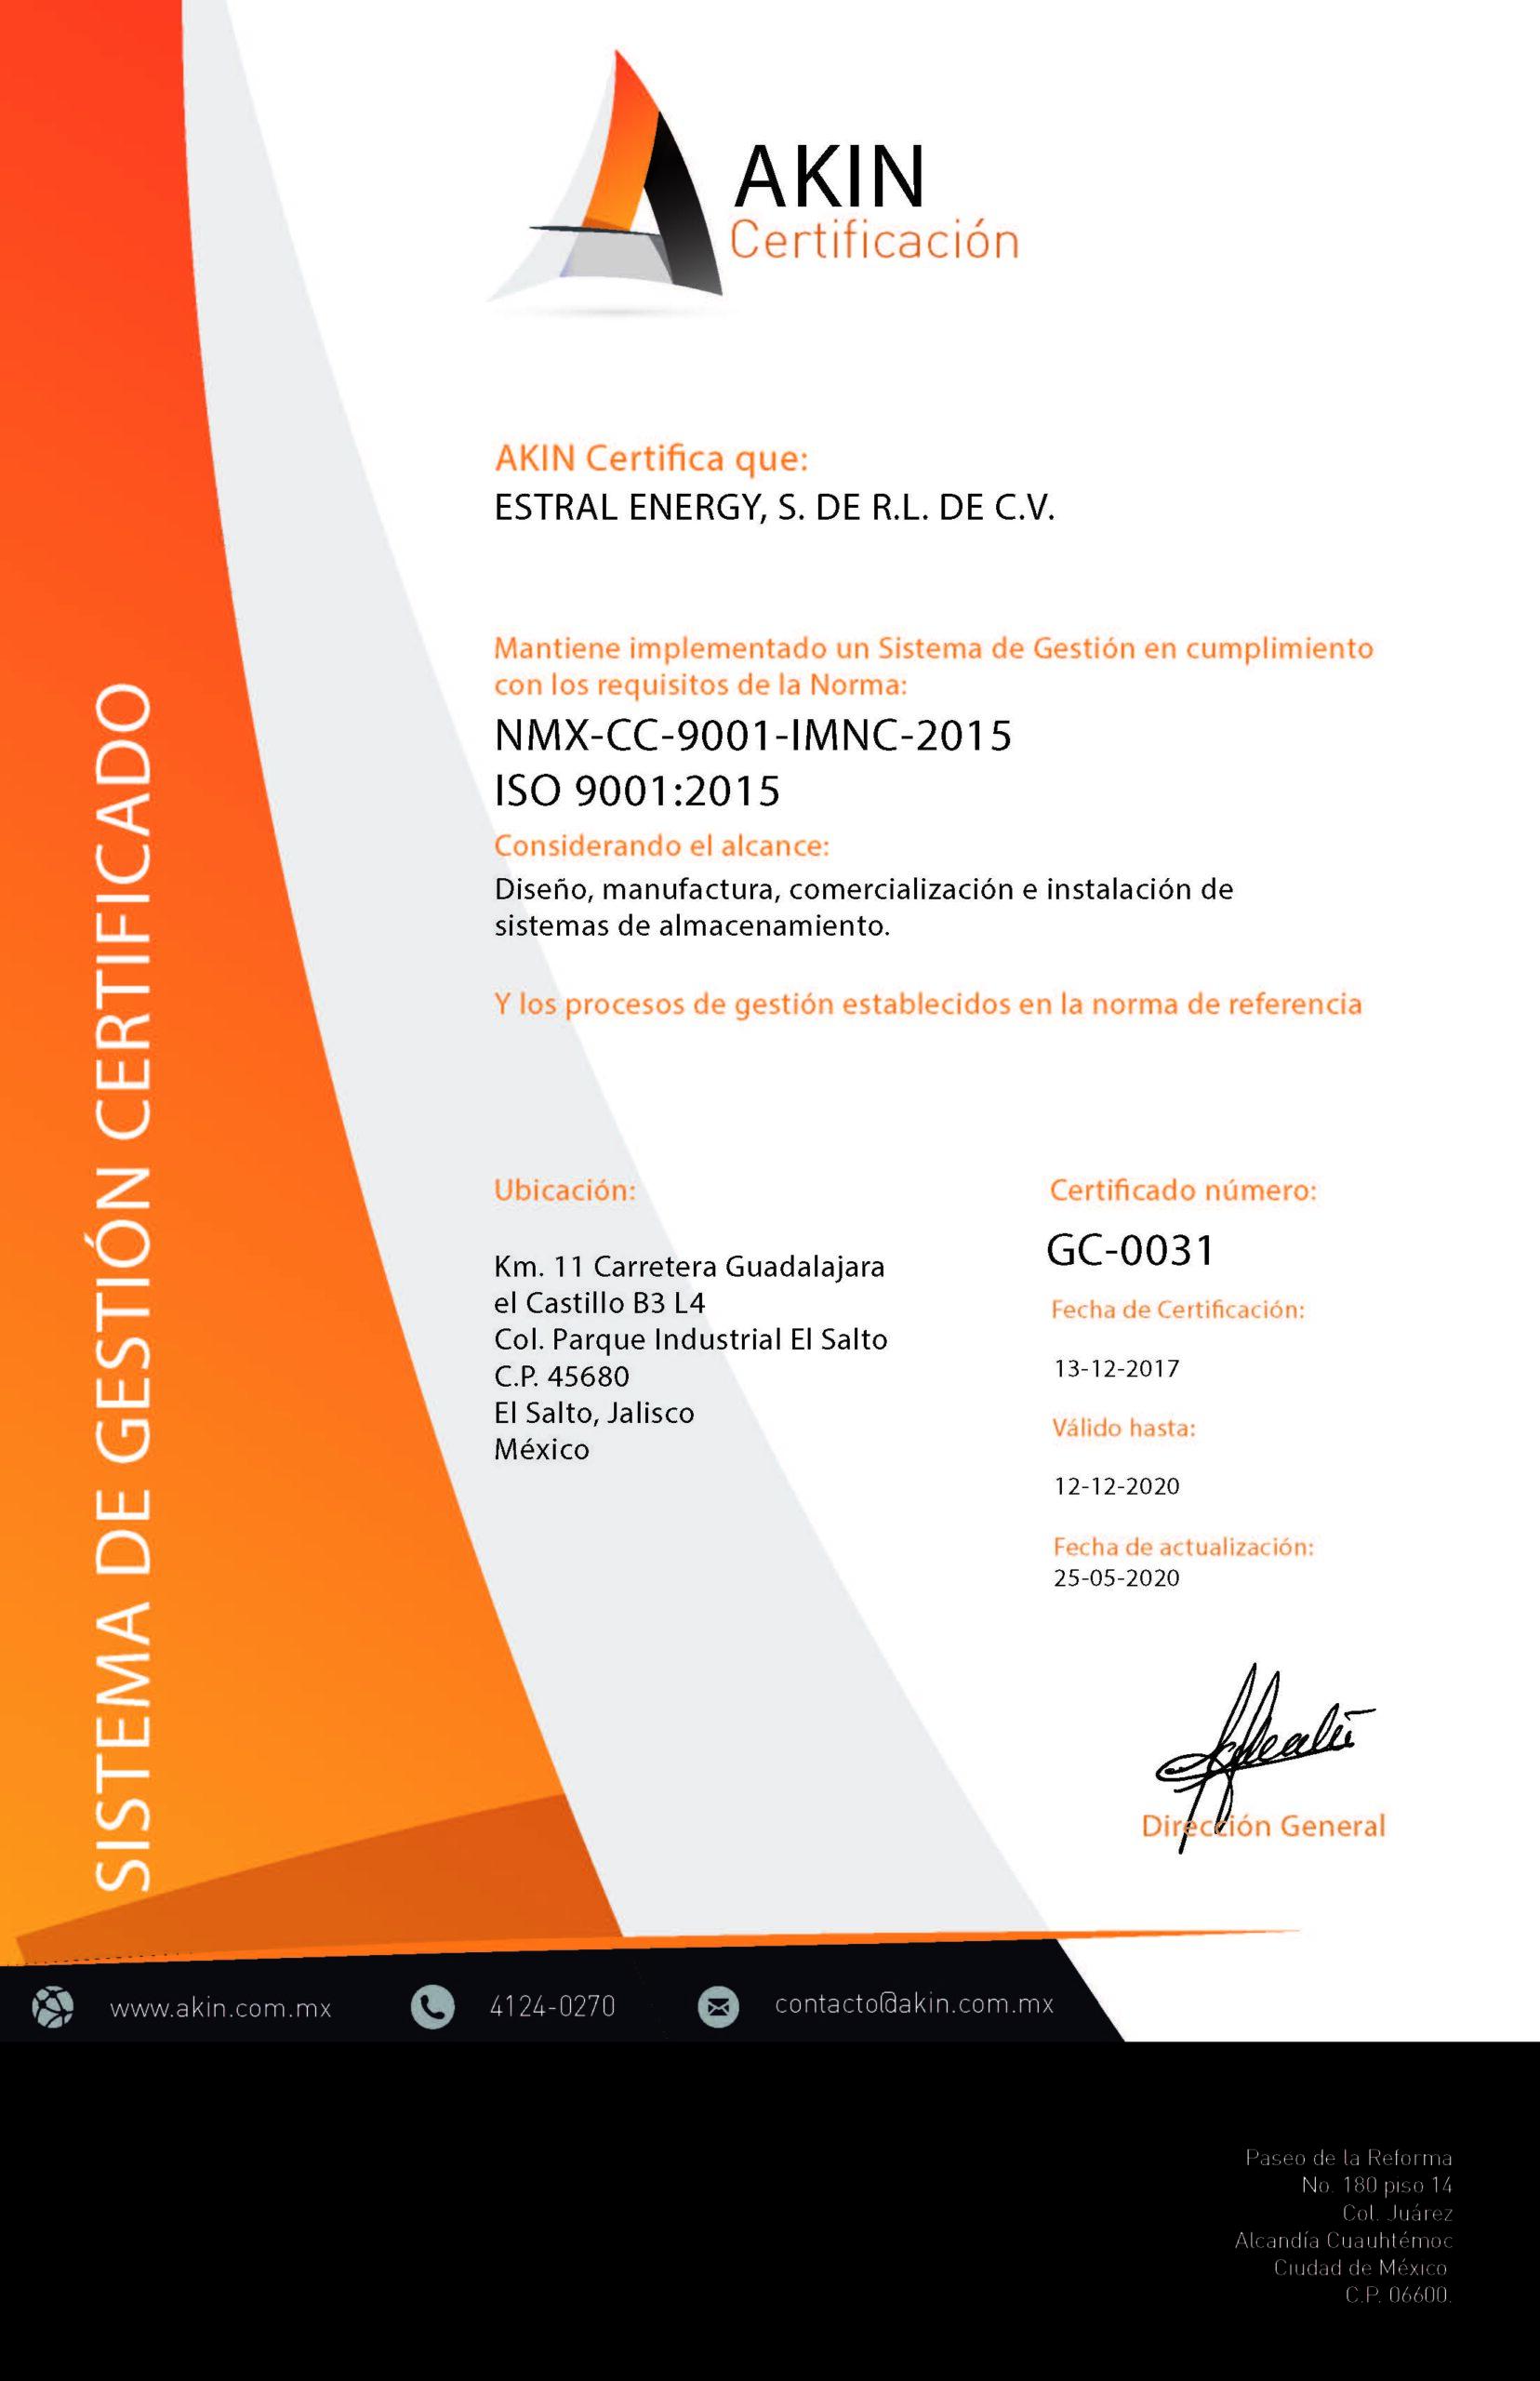 https://estral.com.mx/wp-content/uploads/2020/09/Certificado-ESTRAL--scaled.jpg